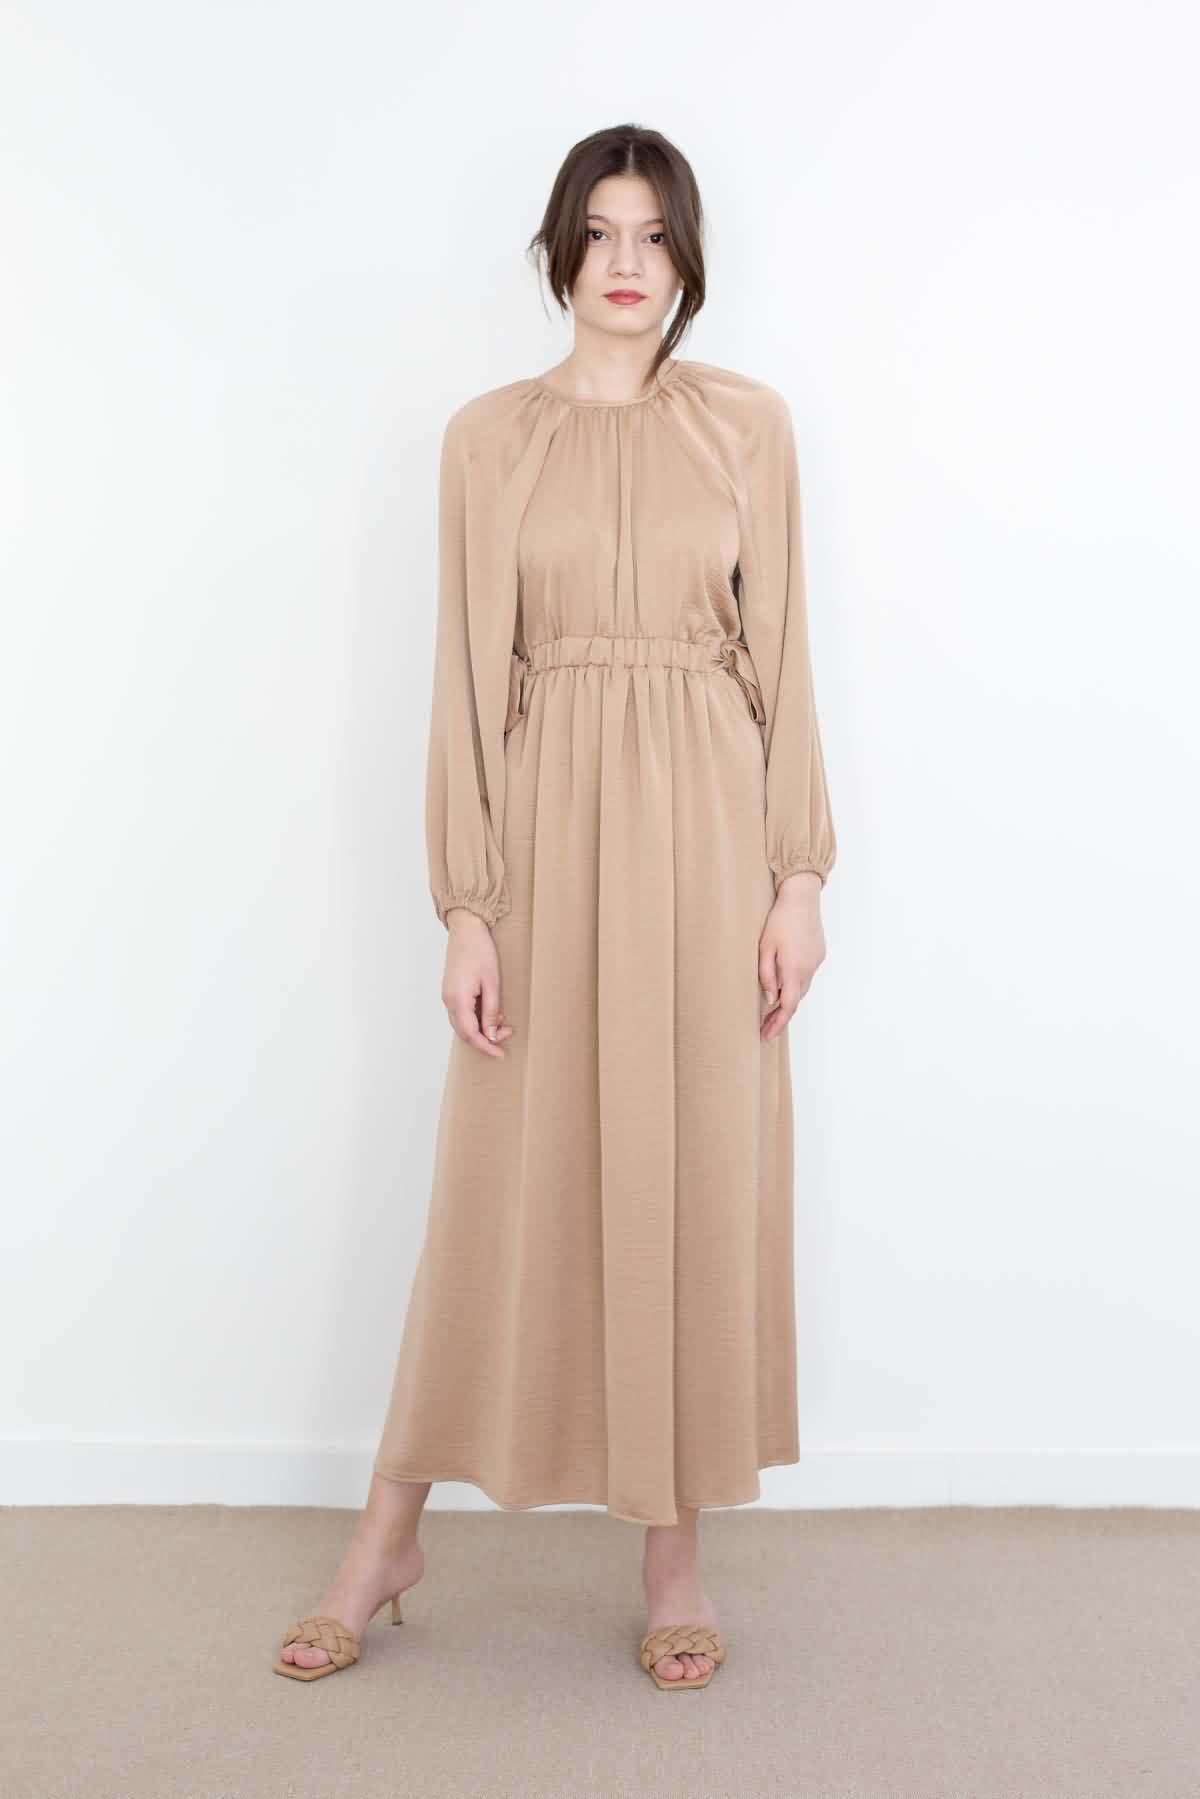 Mevra - Kuşaklı Elbise Bej